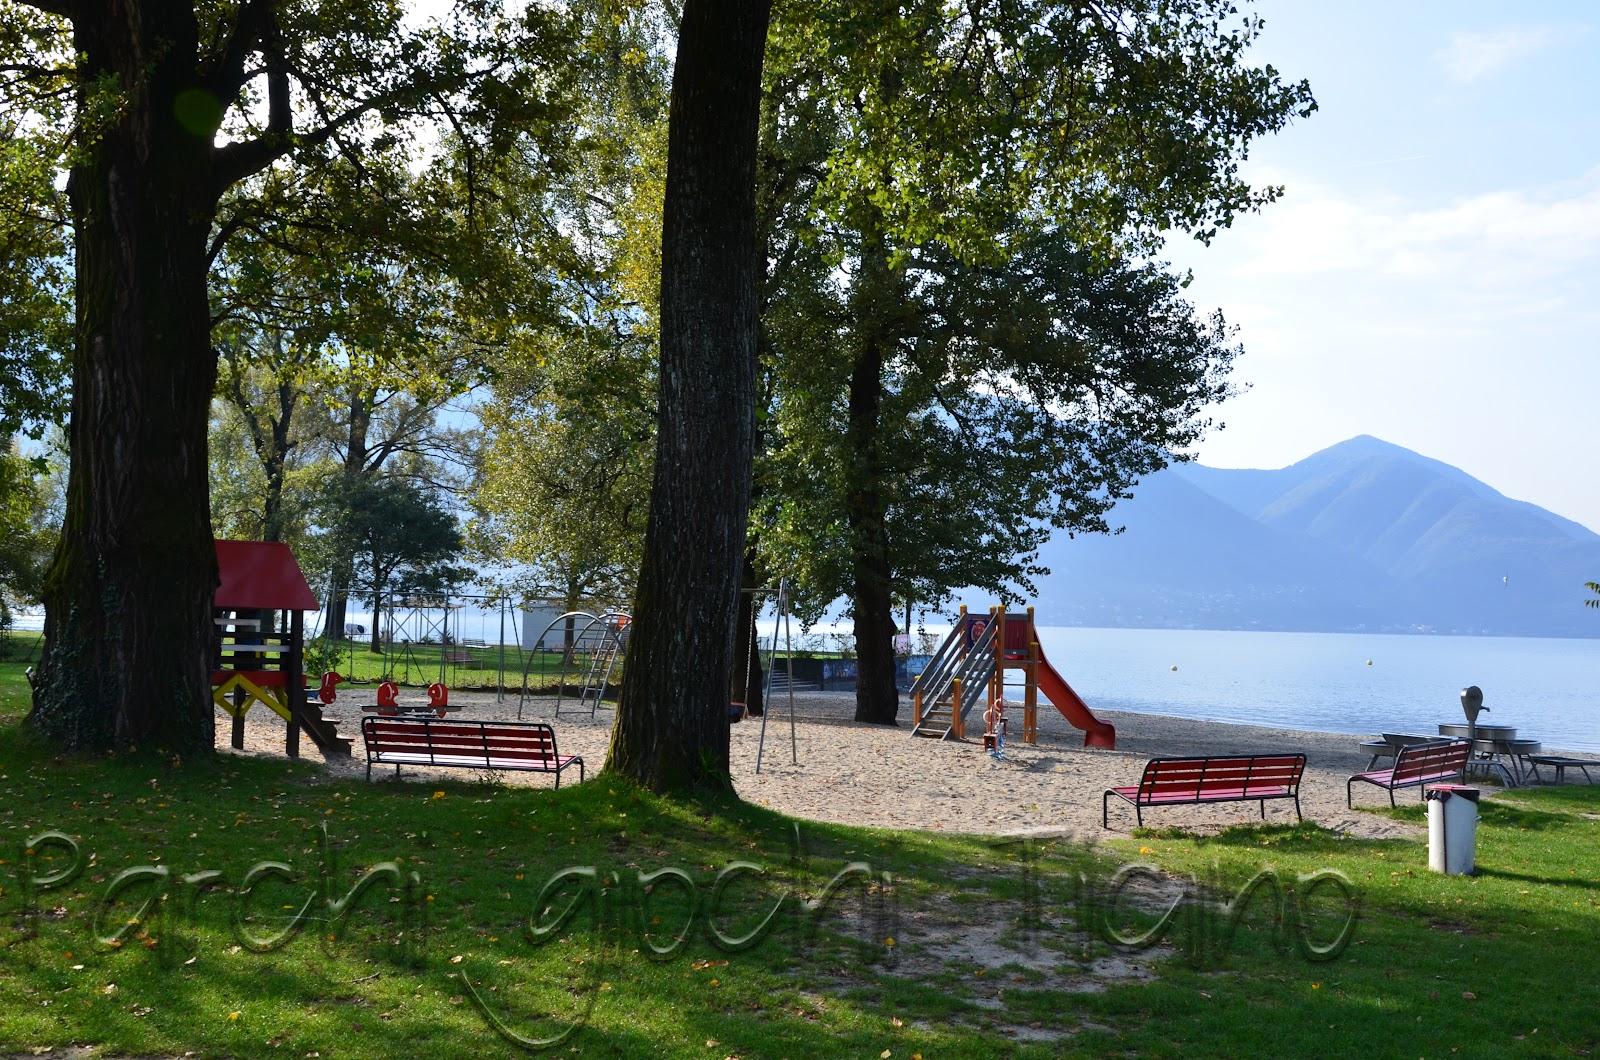 Parco giochi bagno pubblico femaro ascona locarnese parchi giochi ticino - Bagno pubblico ascona ...